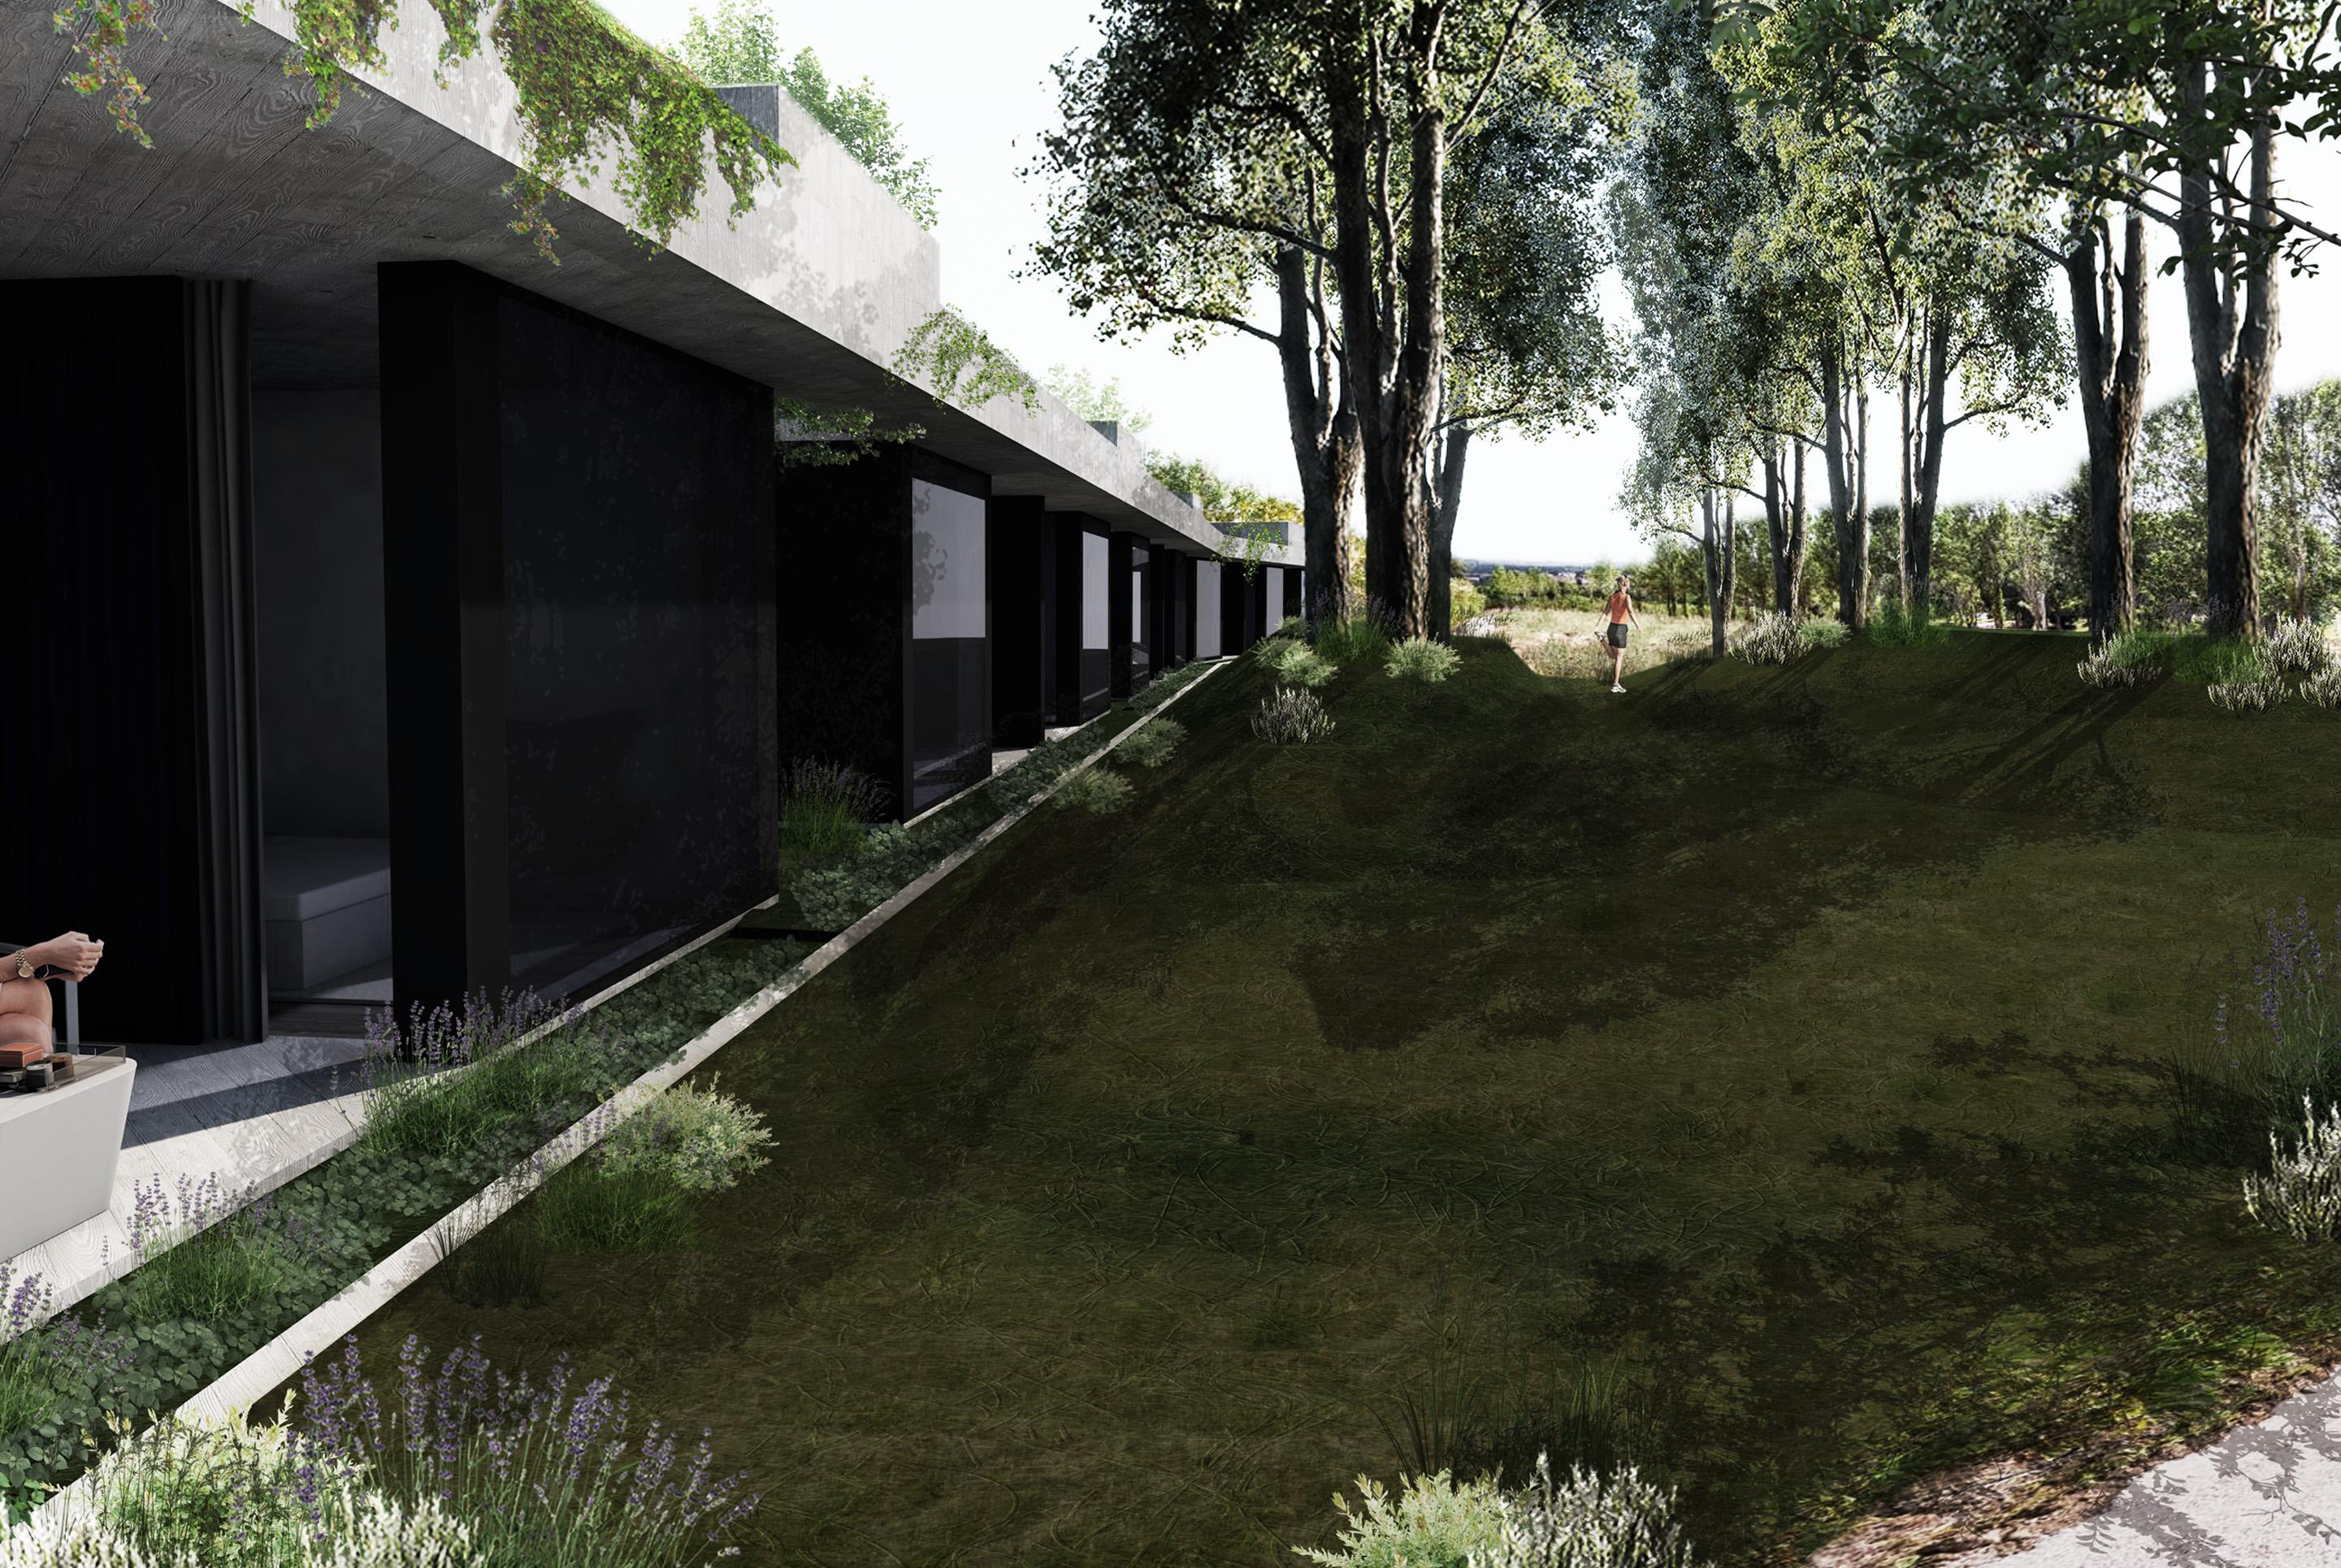 Arquitectura Arquitetura Arquitecto Arquiteto Architecture Architect House Housing concrete betão wood madeira ecoturismo ecoresort eco hotel rural Alenquer